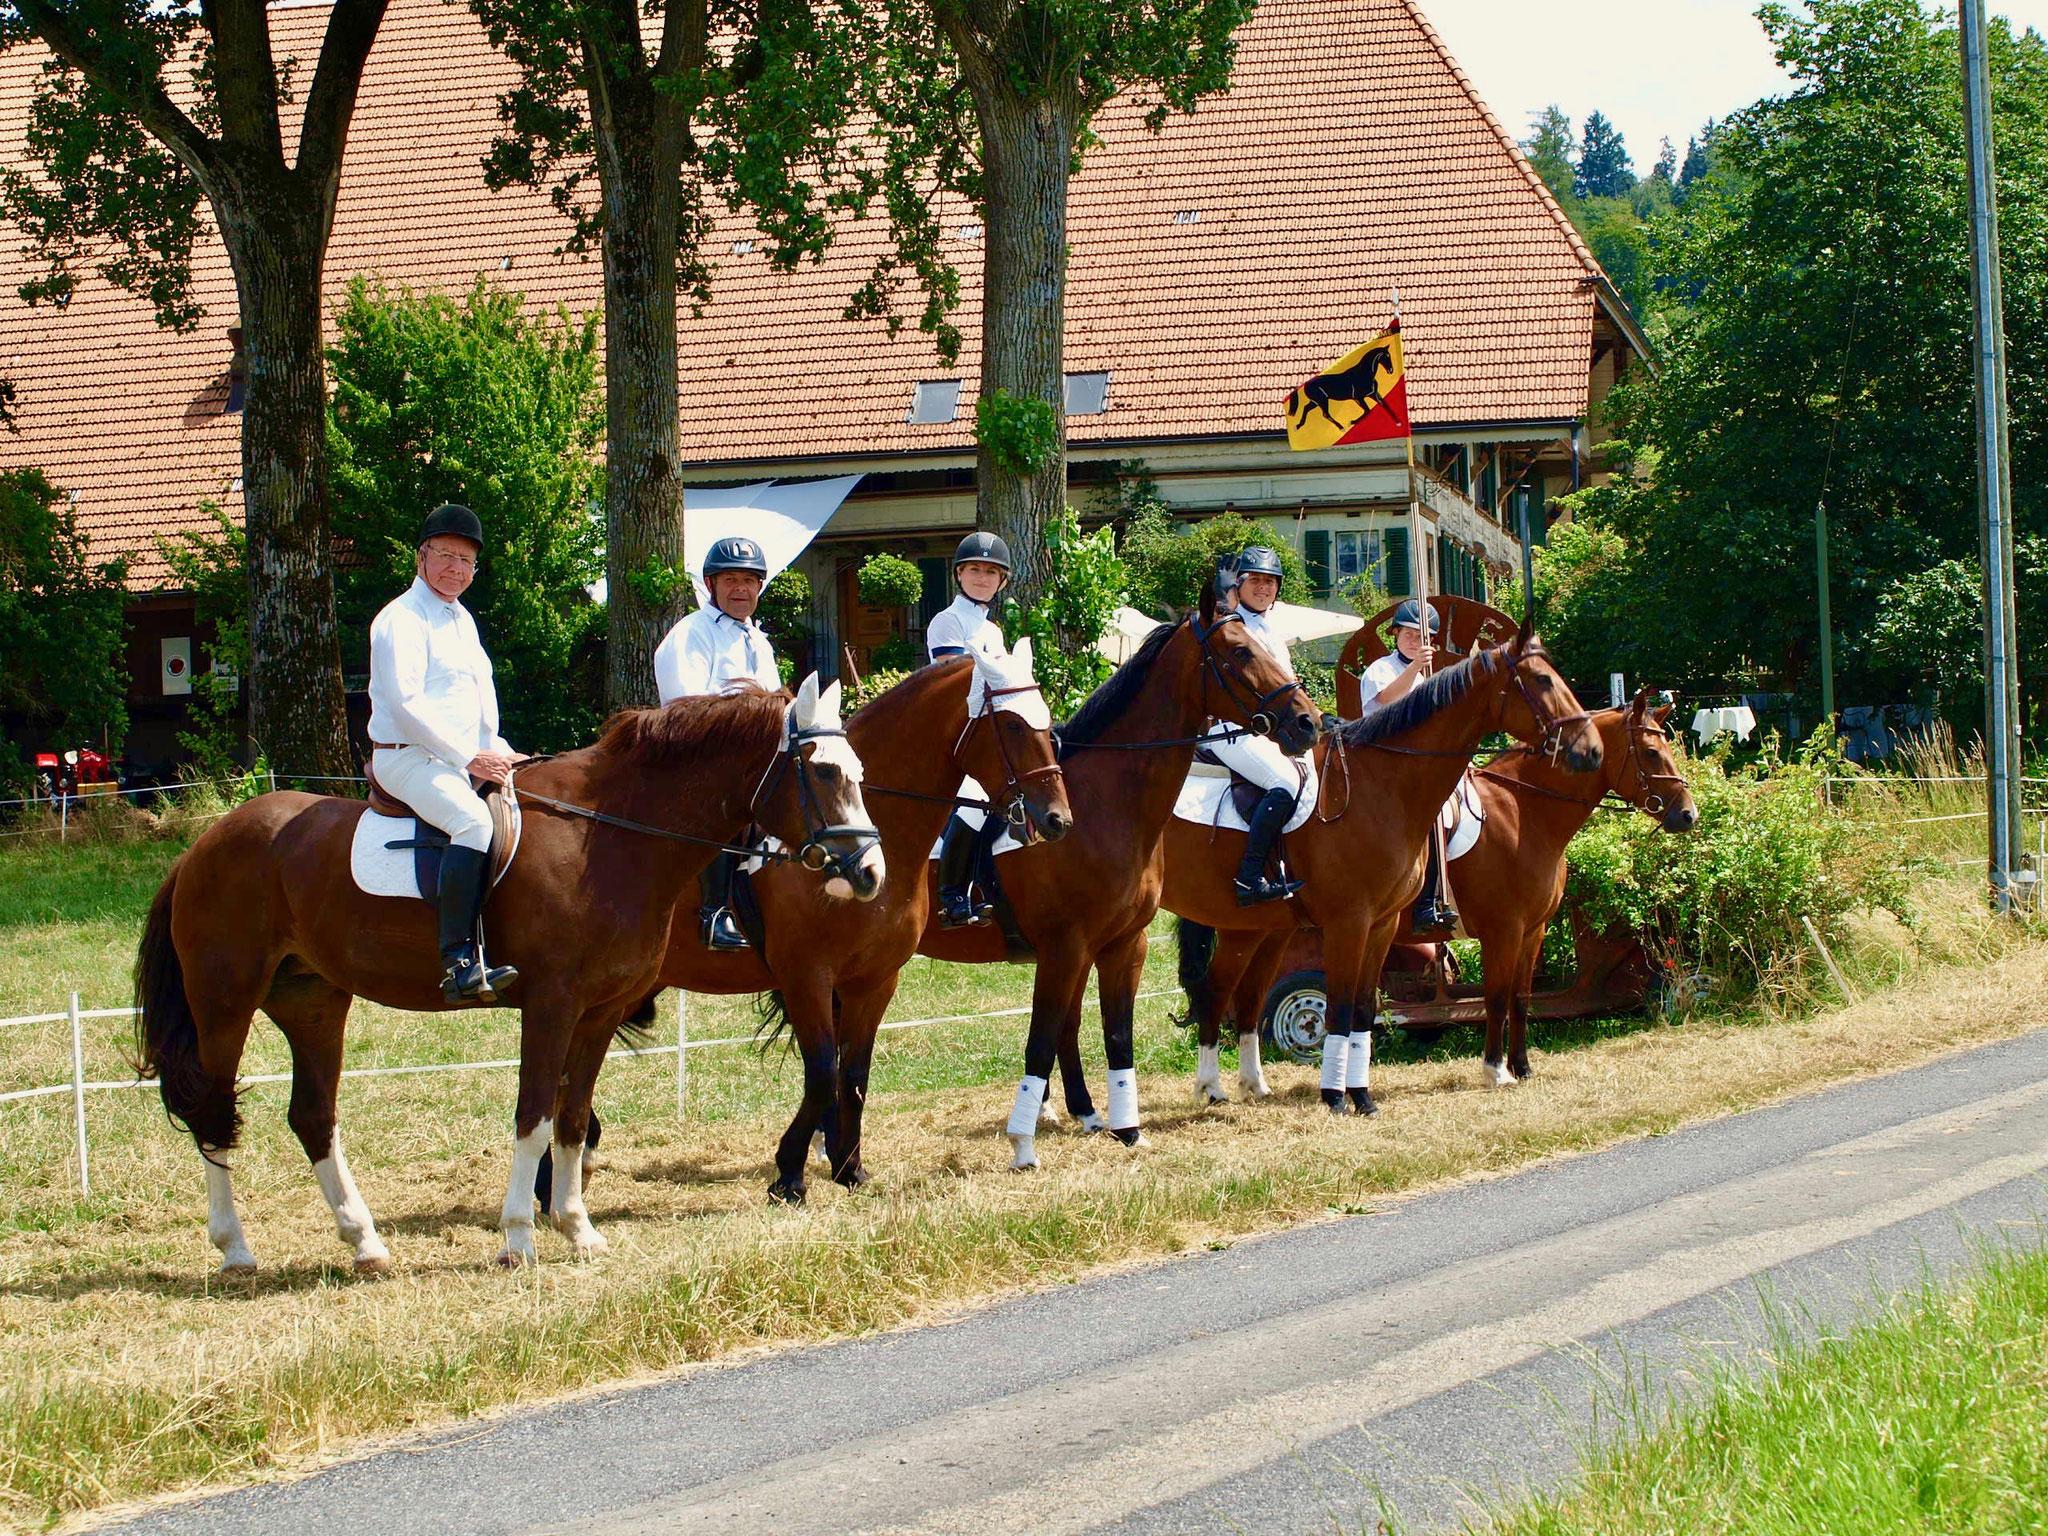 Brauntiere mit Reitern warten gespannt auf das Hochzeitspaar